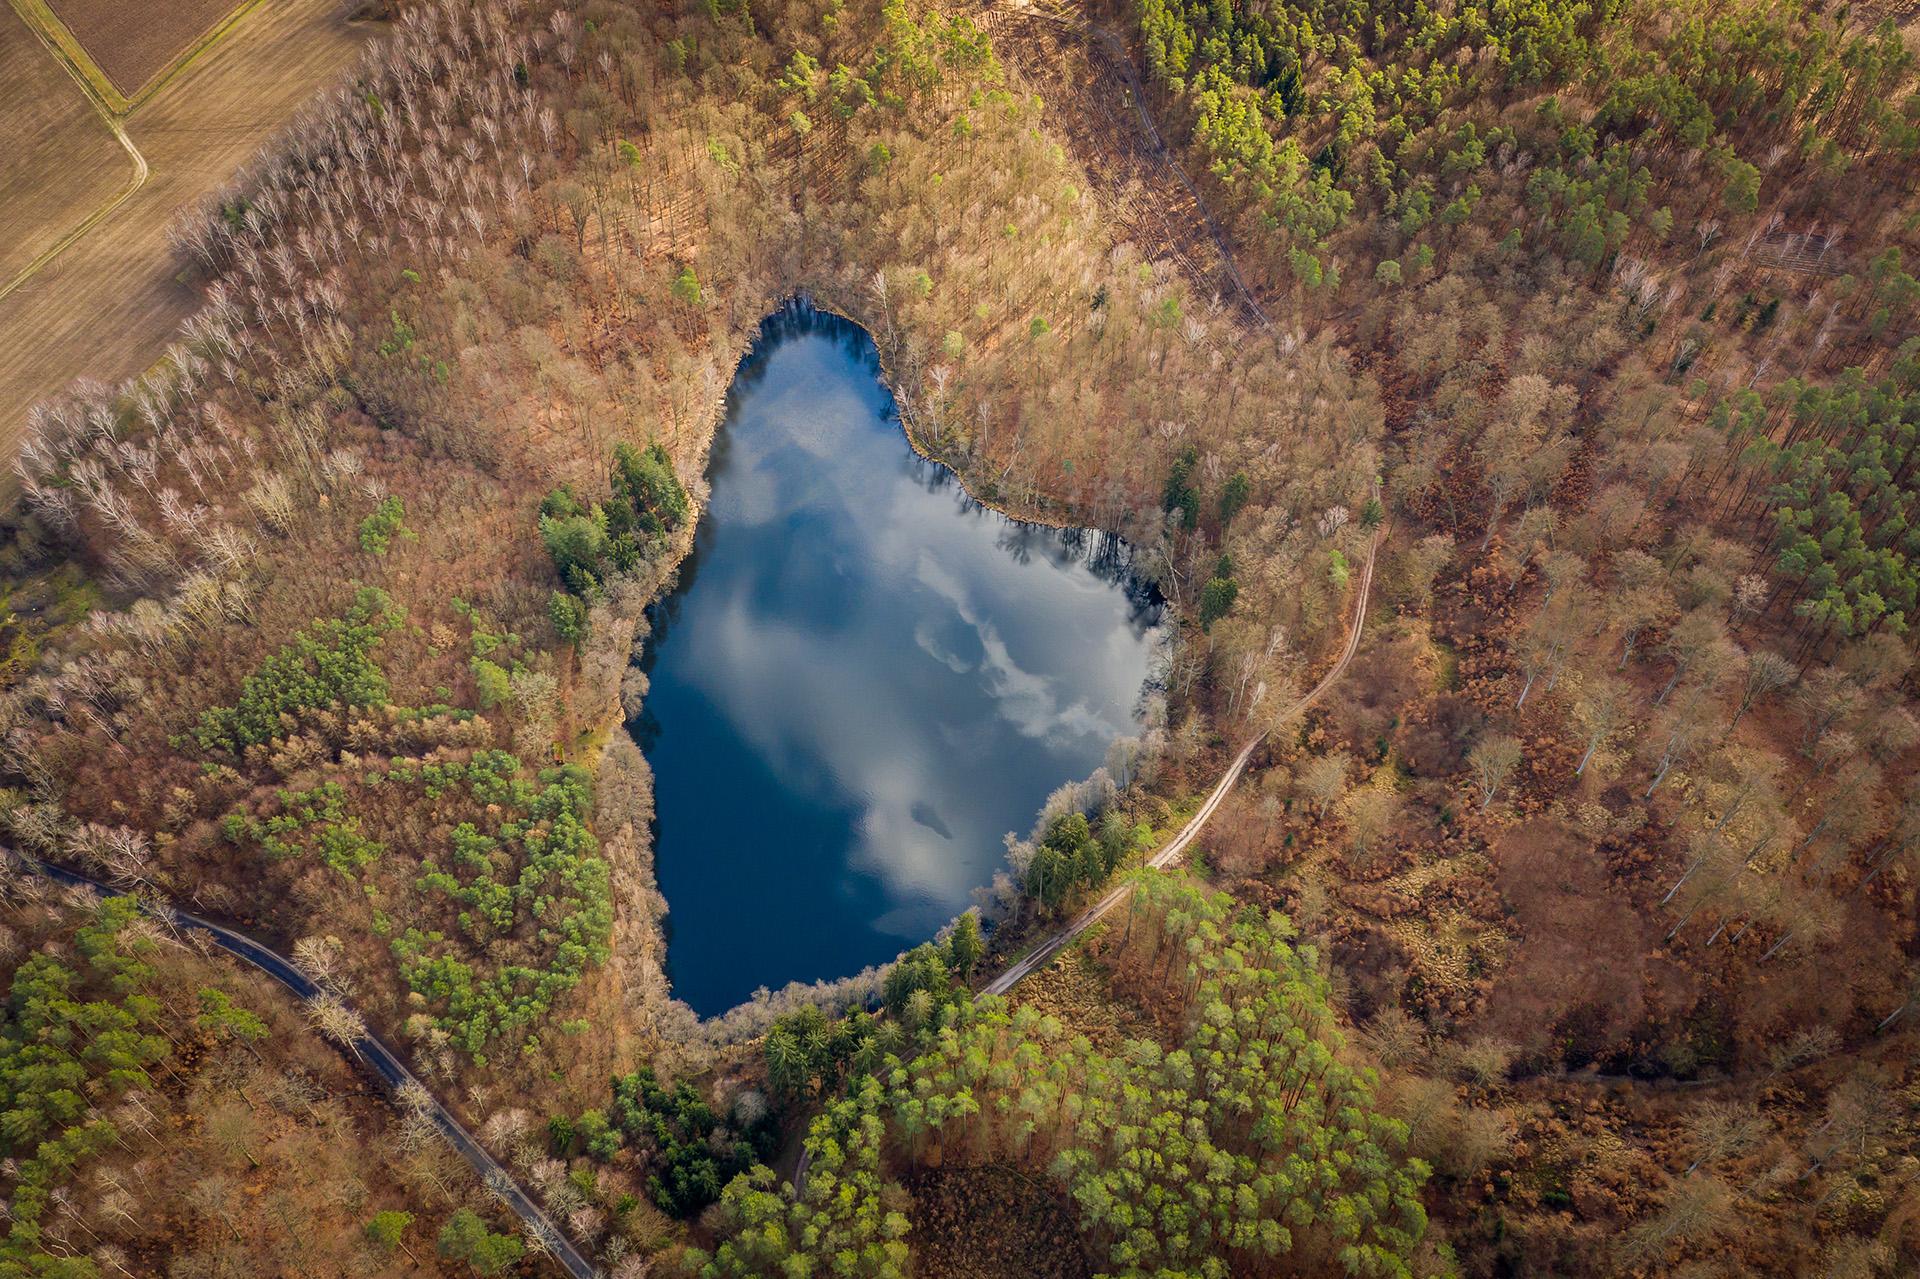 Jezioro Rakowe - jezioro w kształcie serca w Polsce, w gminie Szydłowo, 20 minut drogi od Piły. Fot. Sławek Nakoneczny